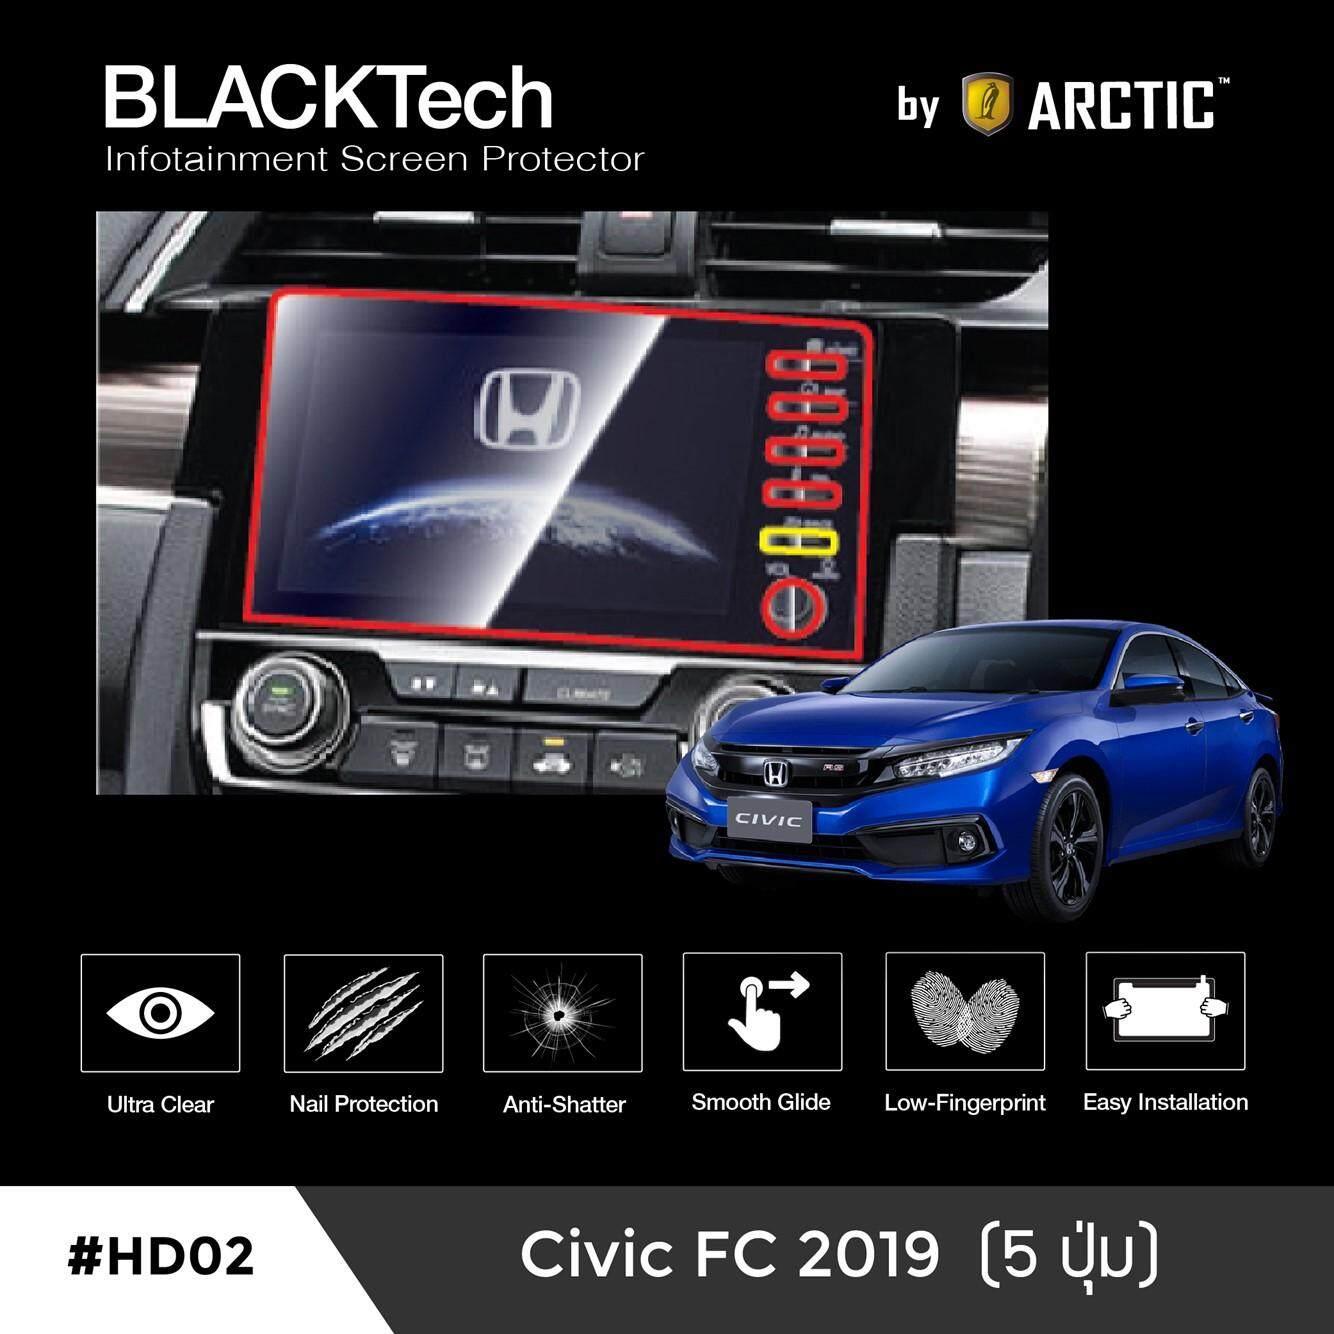 ฟิล์มกันรอยหน้าจอรถยนต์ Honda Civic Fc 2019 (5 ปุ่ม) จอขนาด 9 นิ้ว - Blacktech By Arctic.